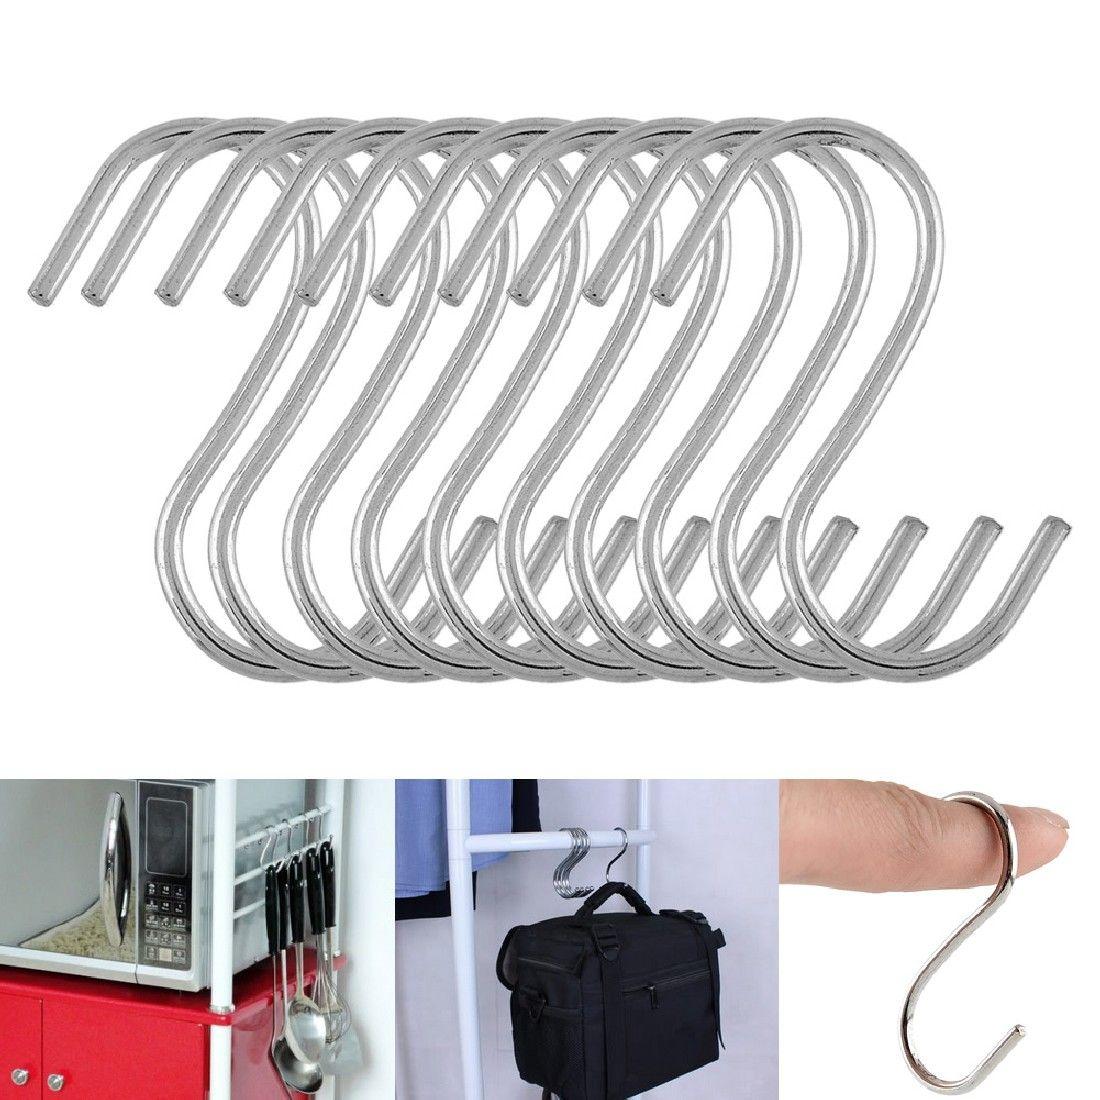 Útil Nuevo 500 unids S en forma de ganchos de la cocina suspensión colgadores de almacenamiento organizadores hogar hogar esencial